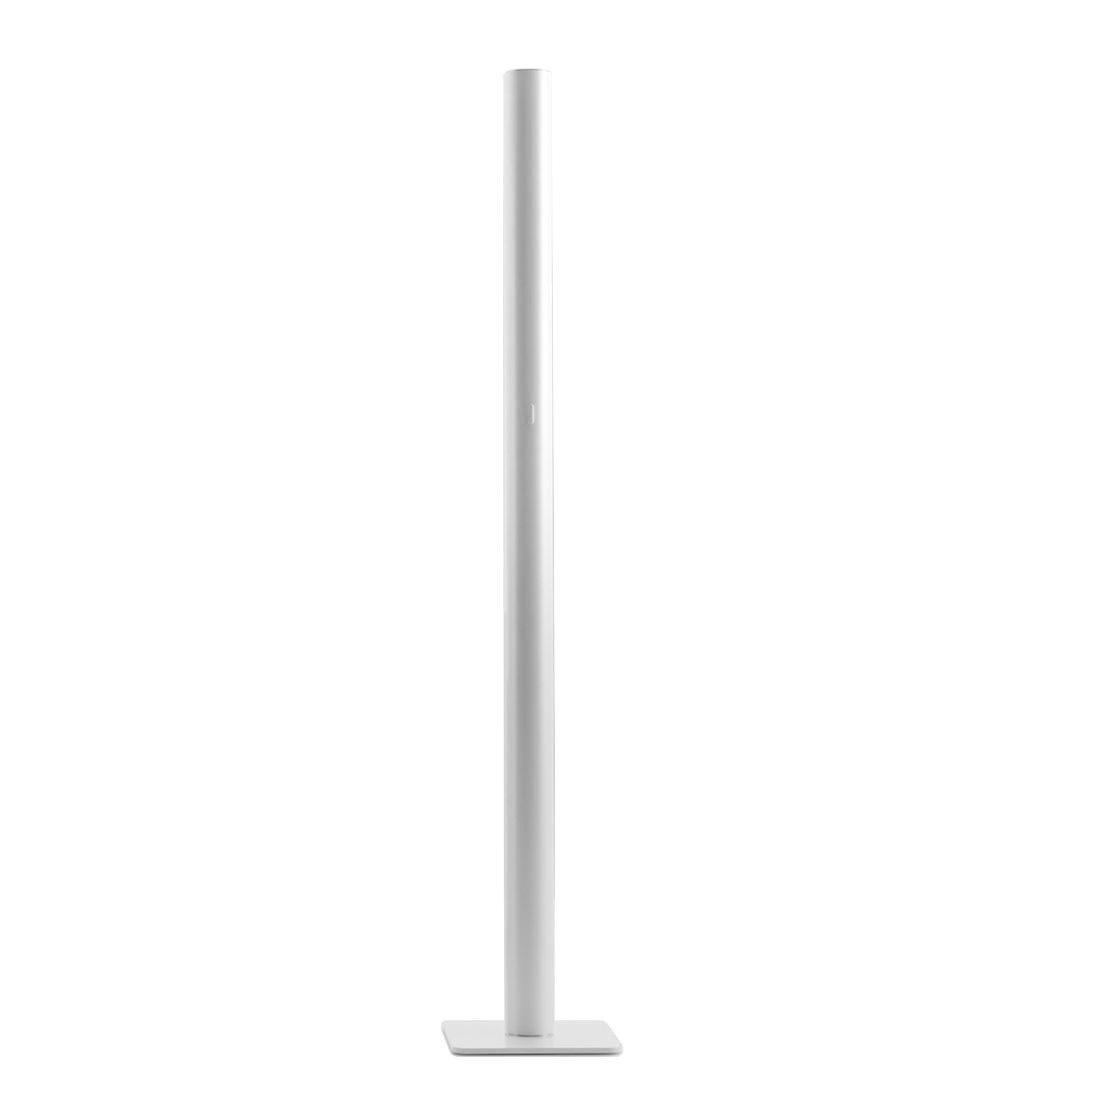 Wunderbar Stehleuchte Weiß Beste Wahl Artemide - Ilio Led - Weiß/3000k/3900lm/h